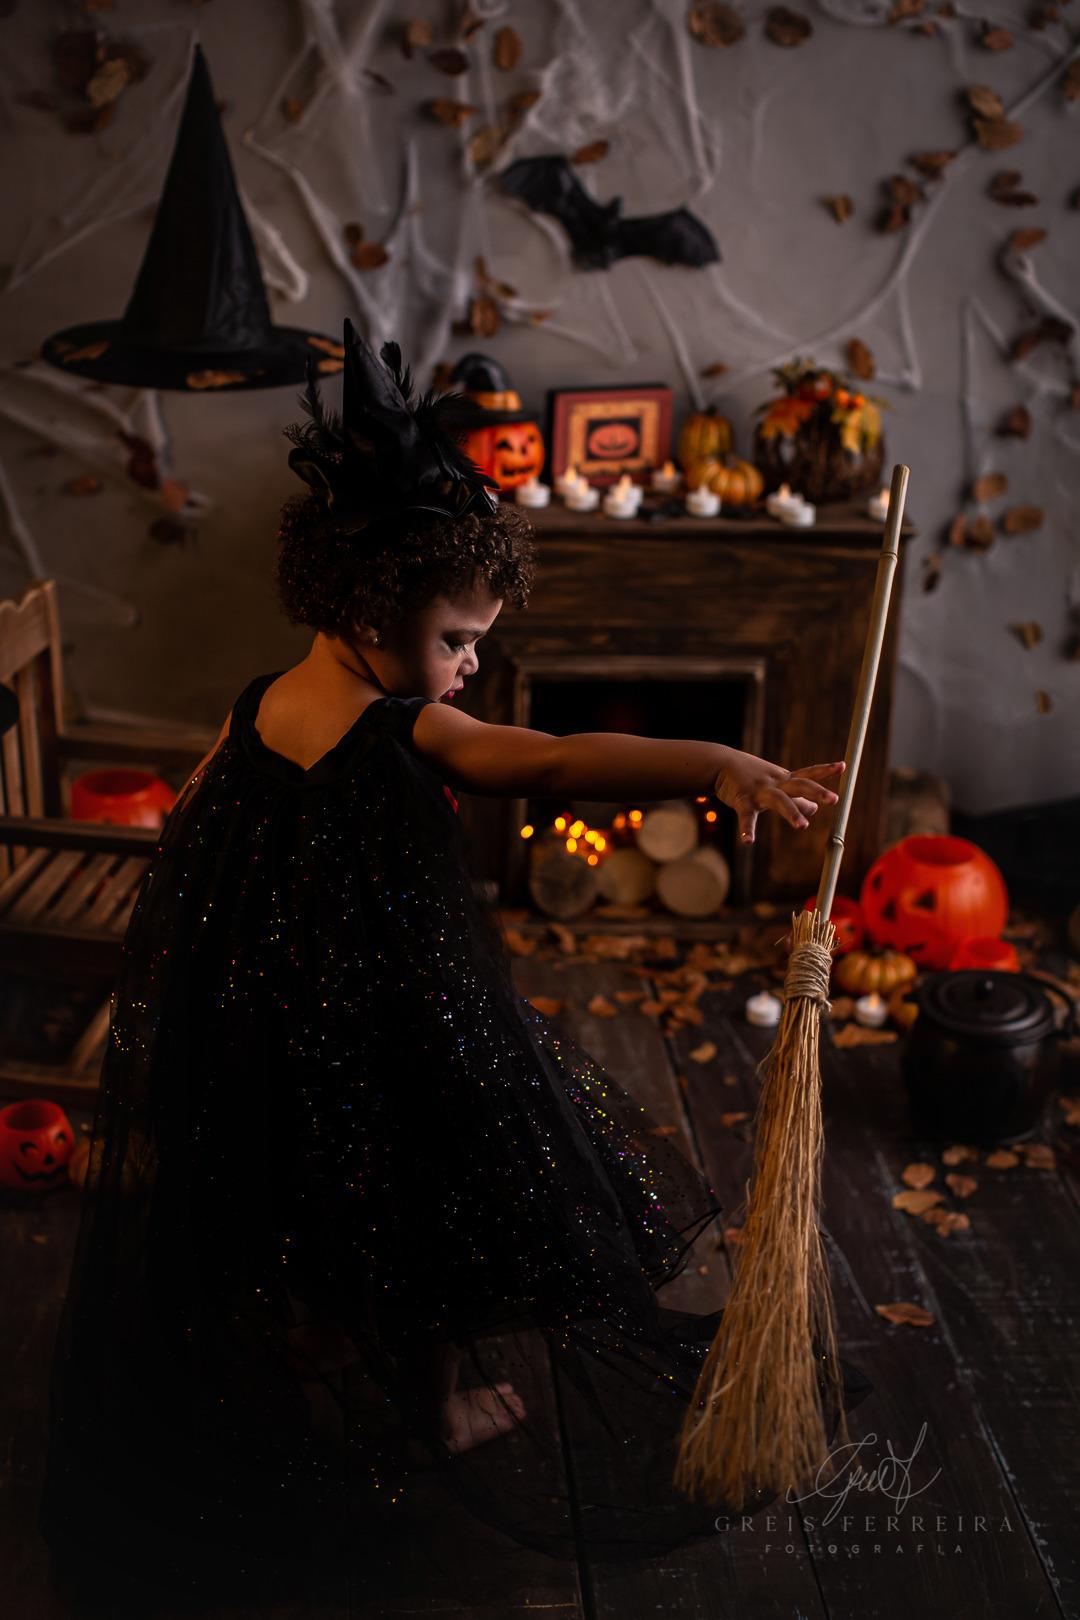 ensaio de halloween infantil em bh de bruxa